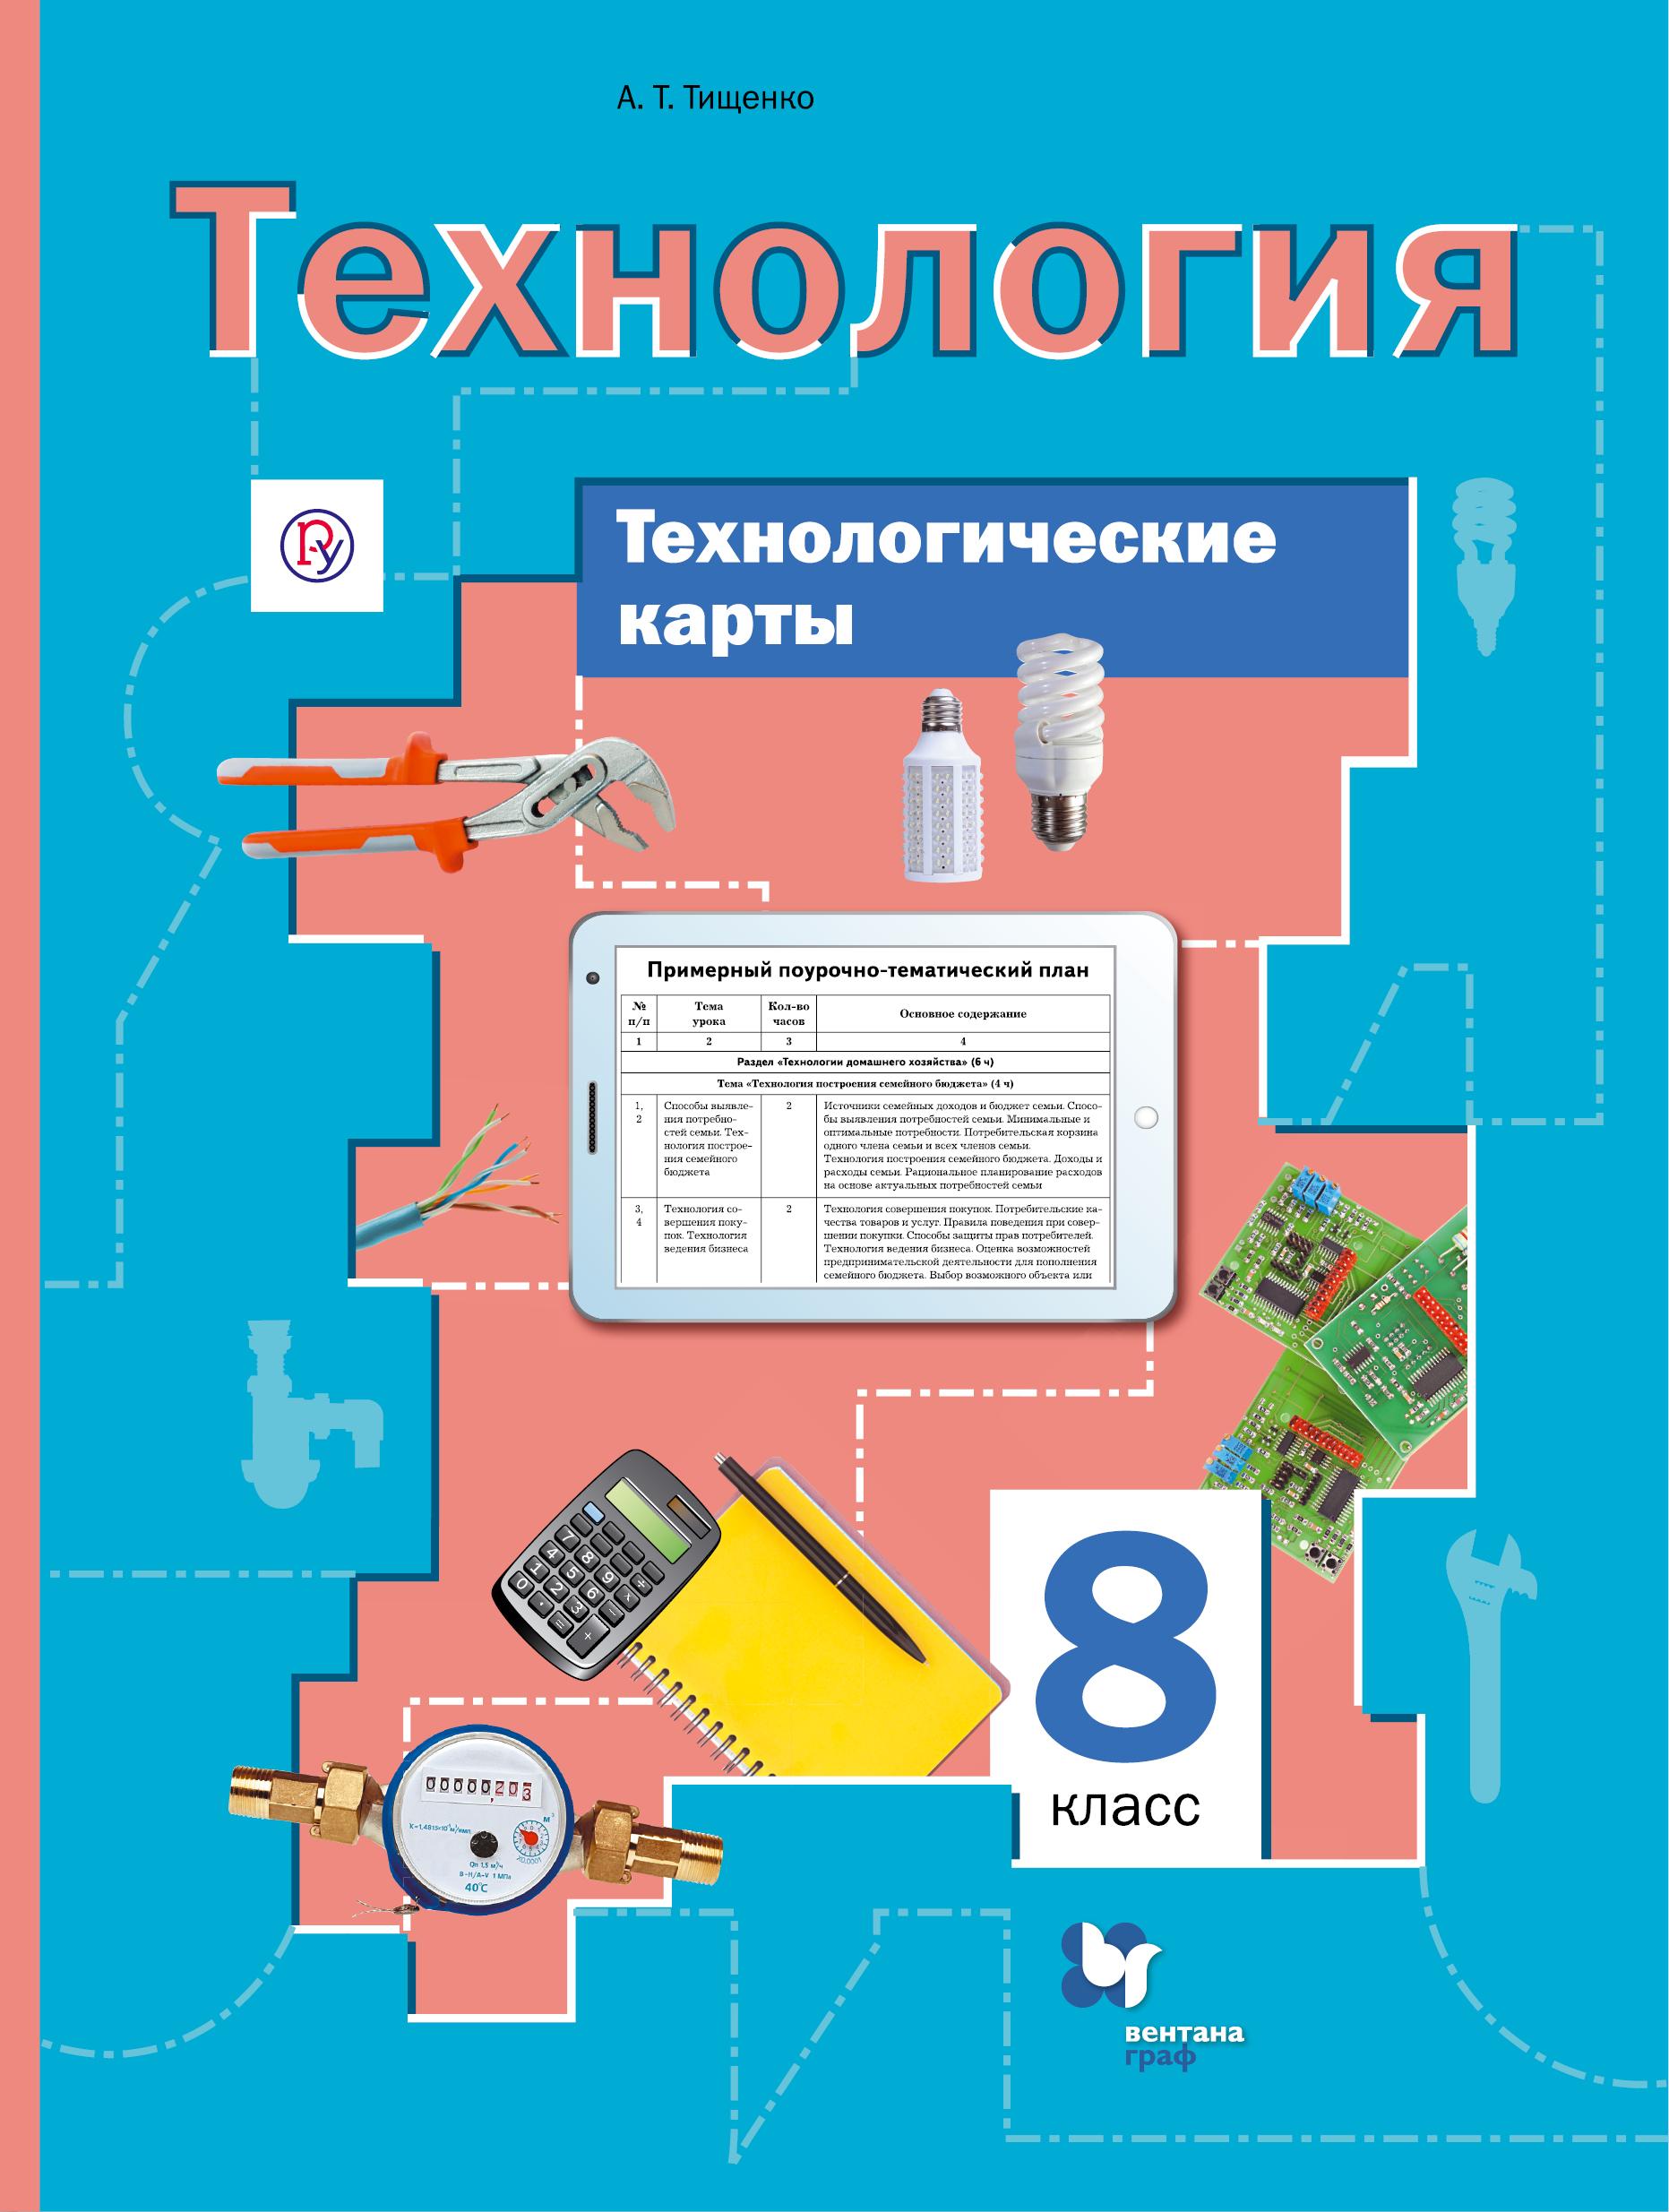 Технологические карты к урокам технологии. 8 класс. Методическое пособие. ( Тищенко А.Т.  )